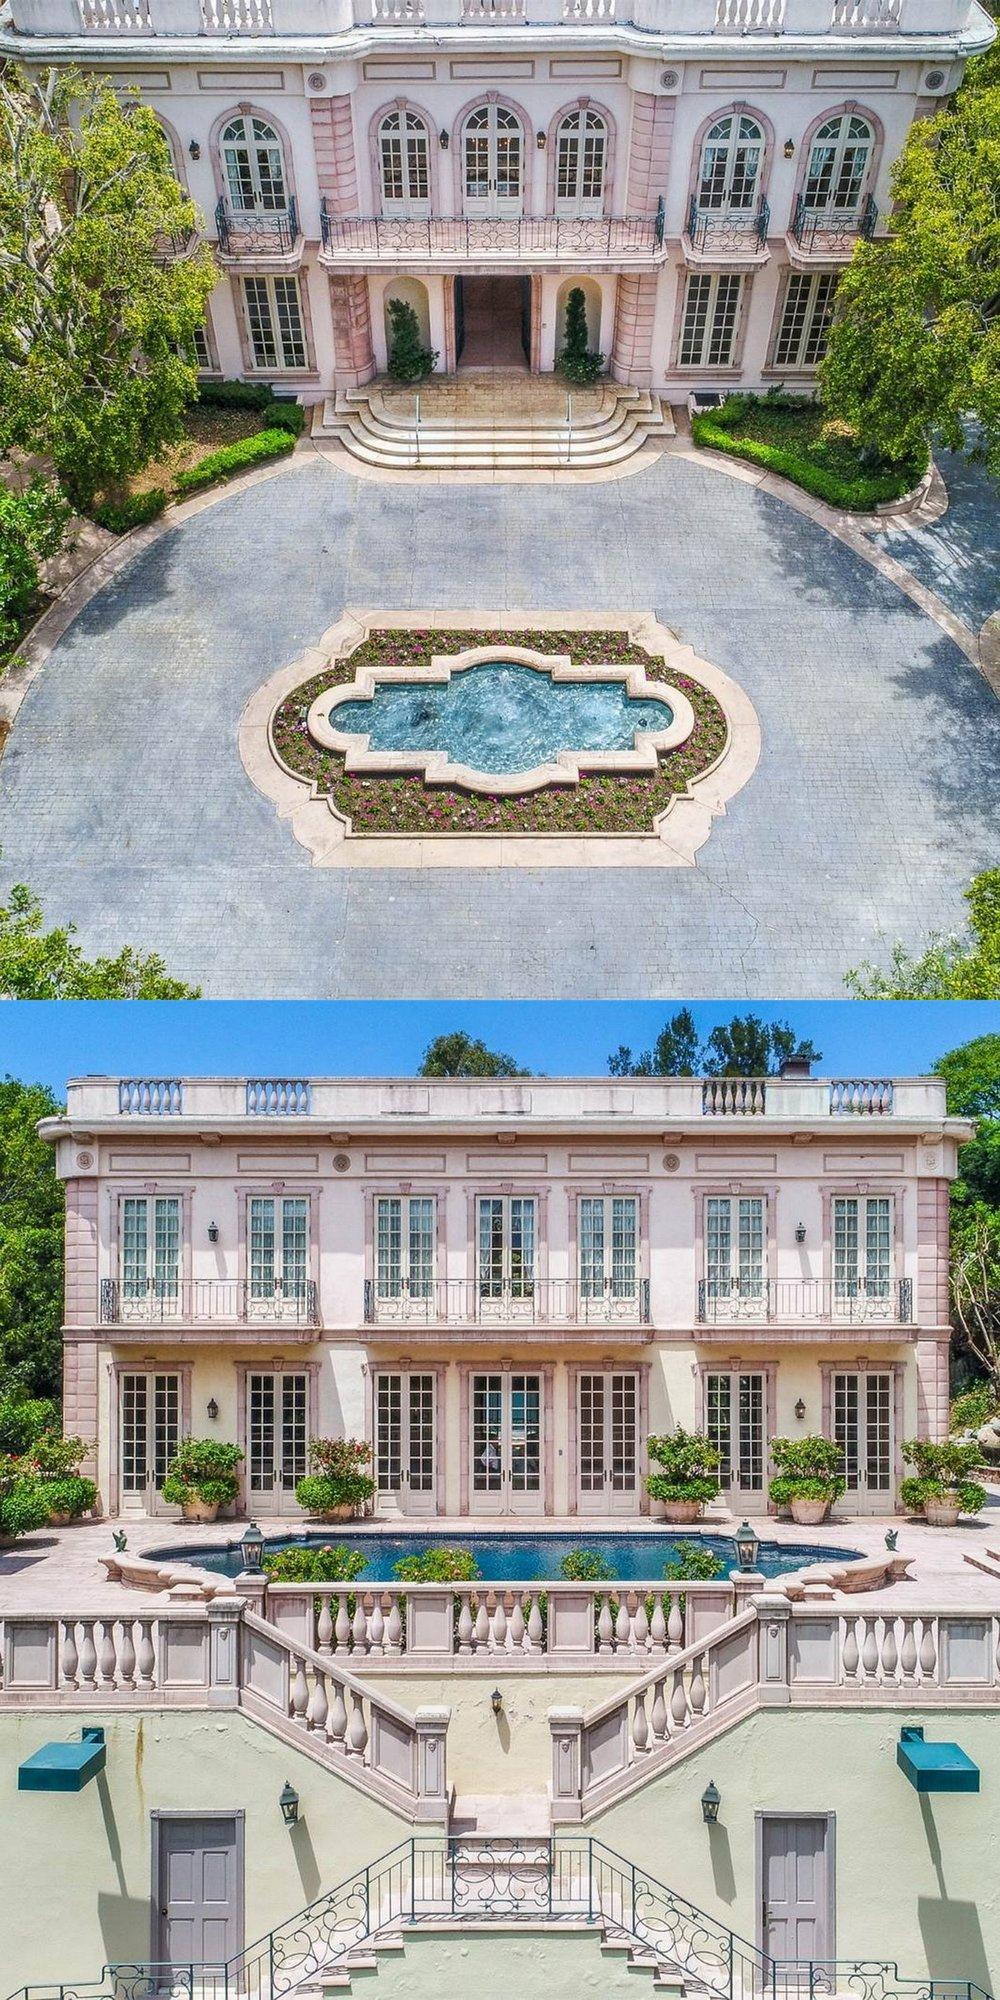 🌹 Le Chateau Rose - Bel Air